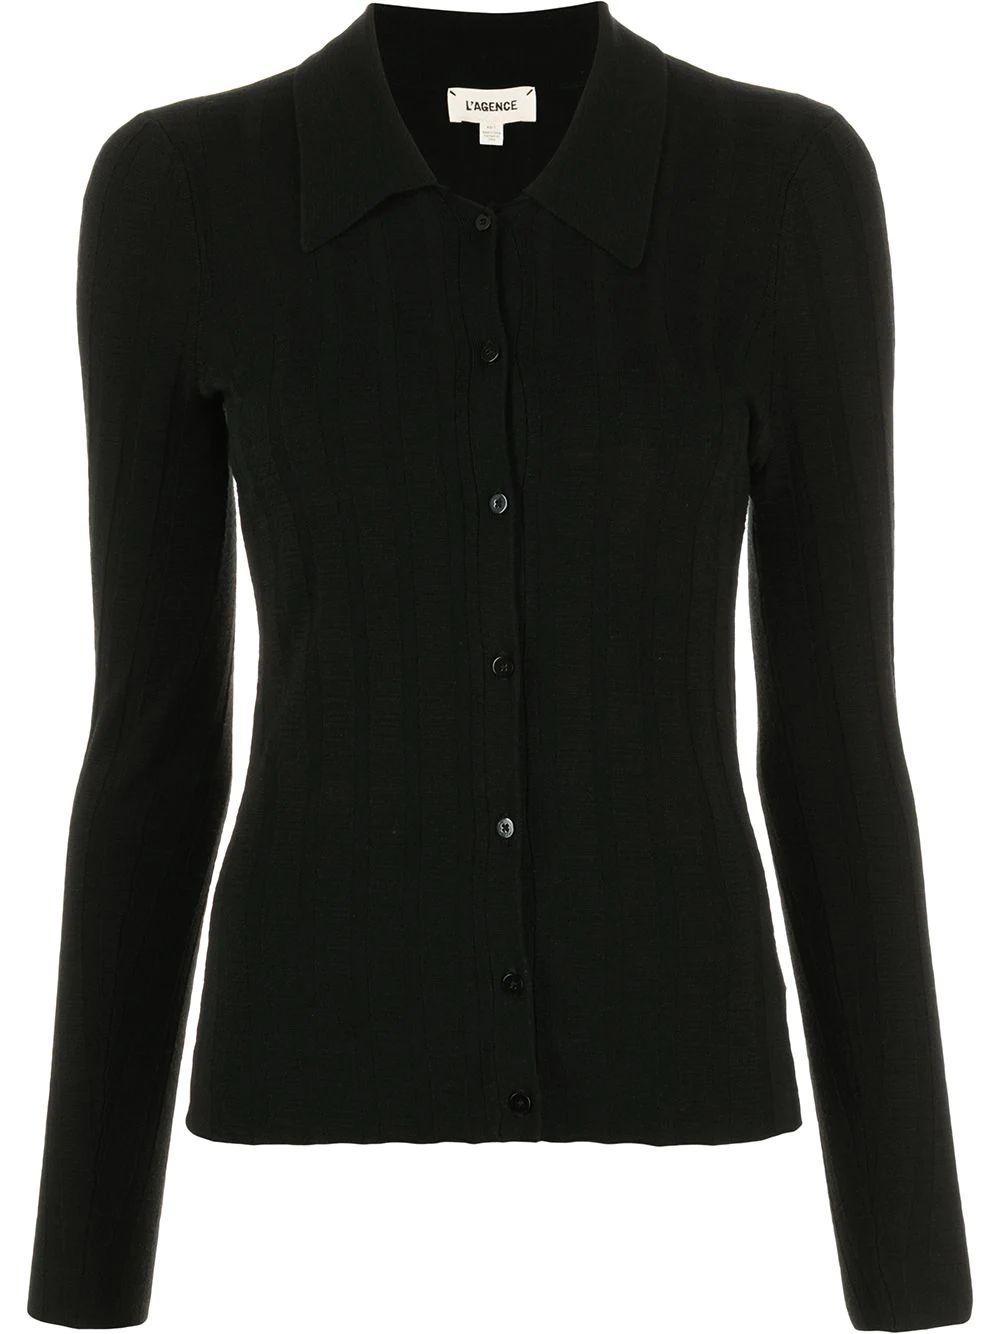 Naya Sweater